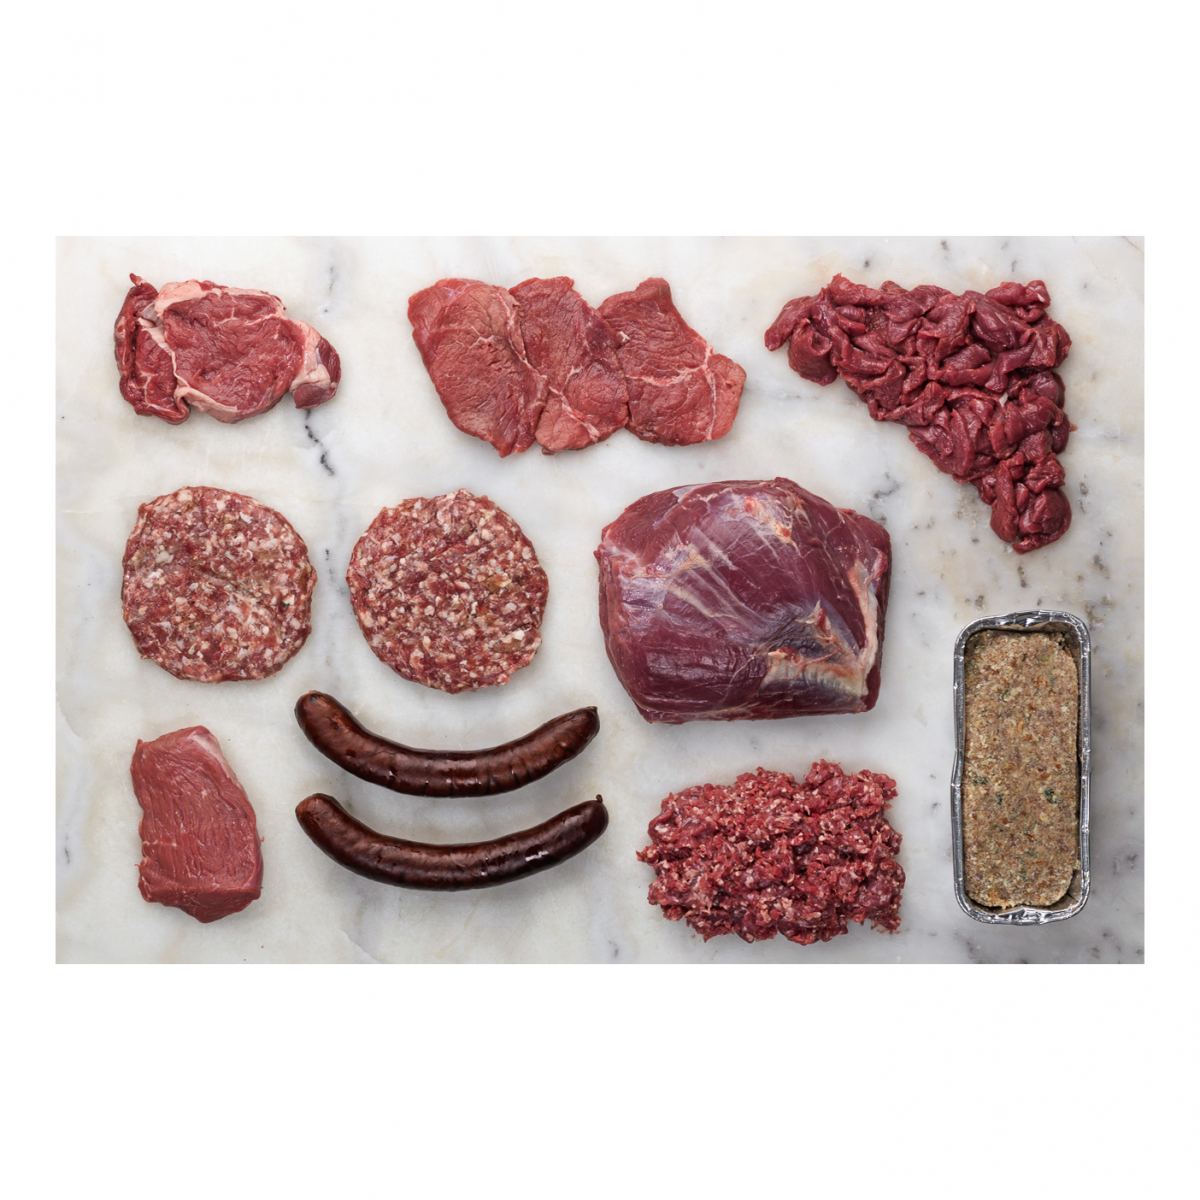 BIO BOX Büffelfleisch Mischpaket 5kg